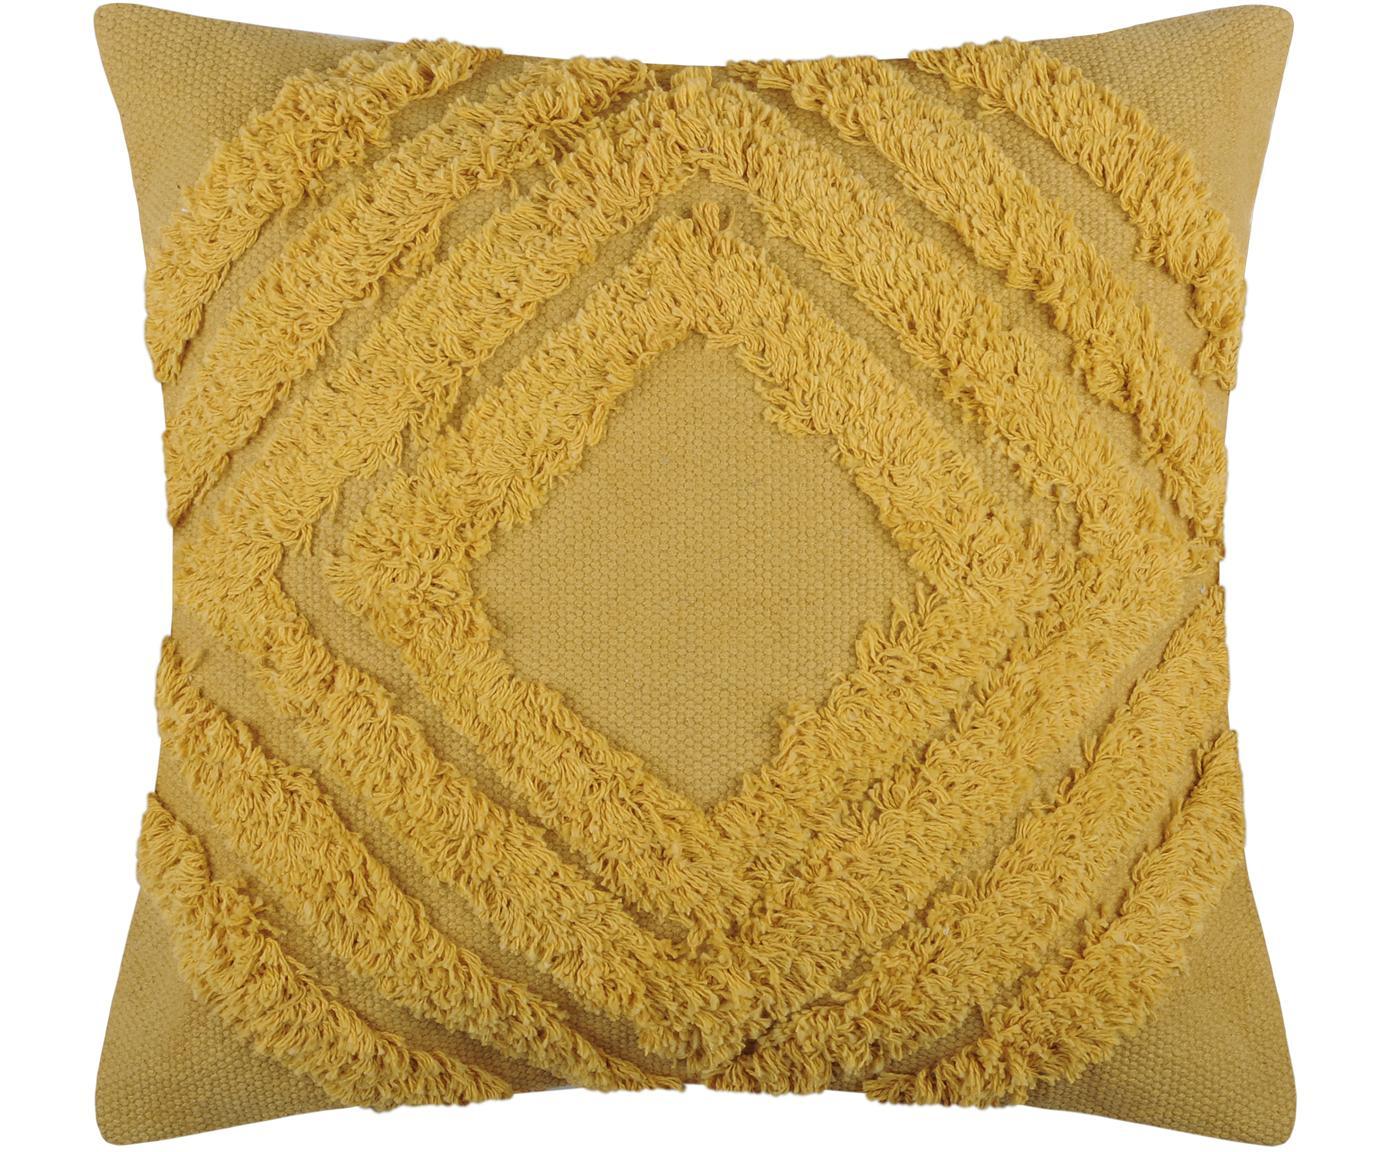 Cuscino boho con imbottitura Greenmood, Rivestimento: cotone, Giallo senape, Larg. 40 x Lung. 40 cm